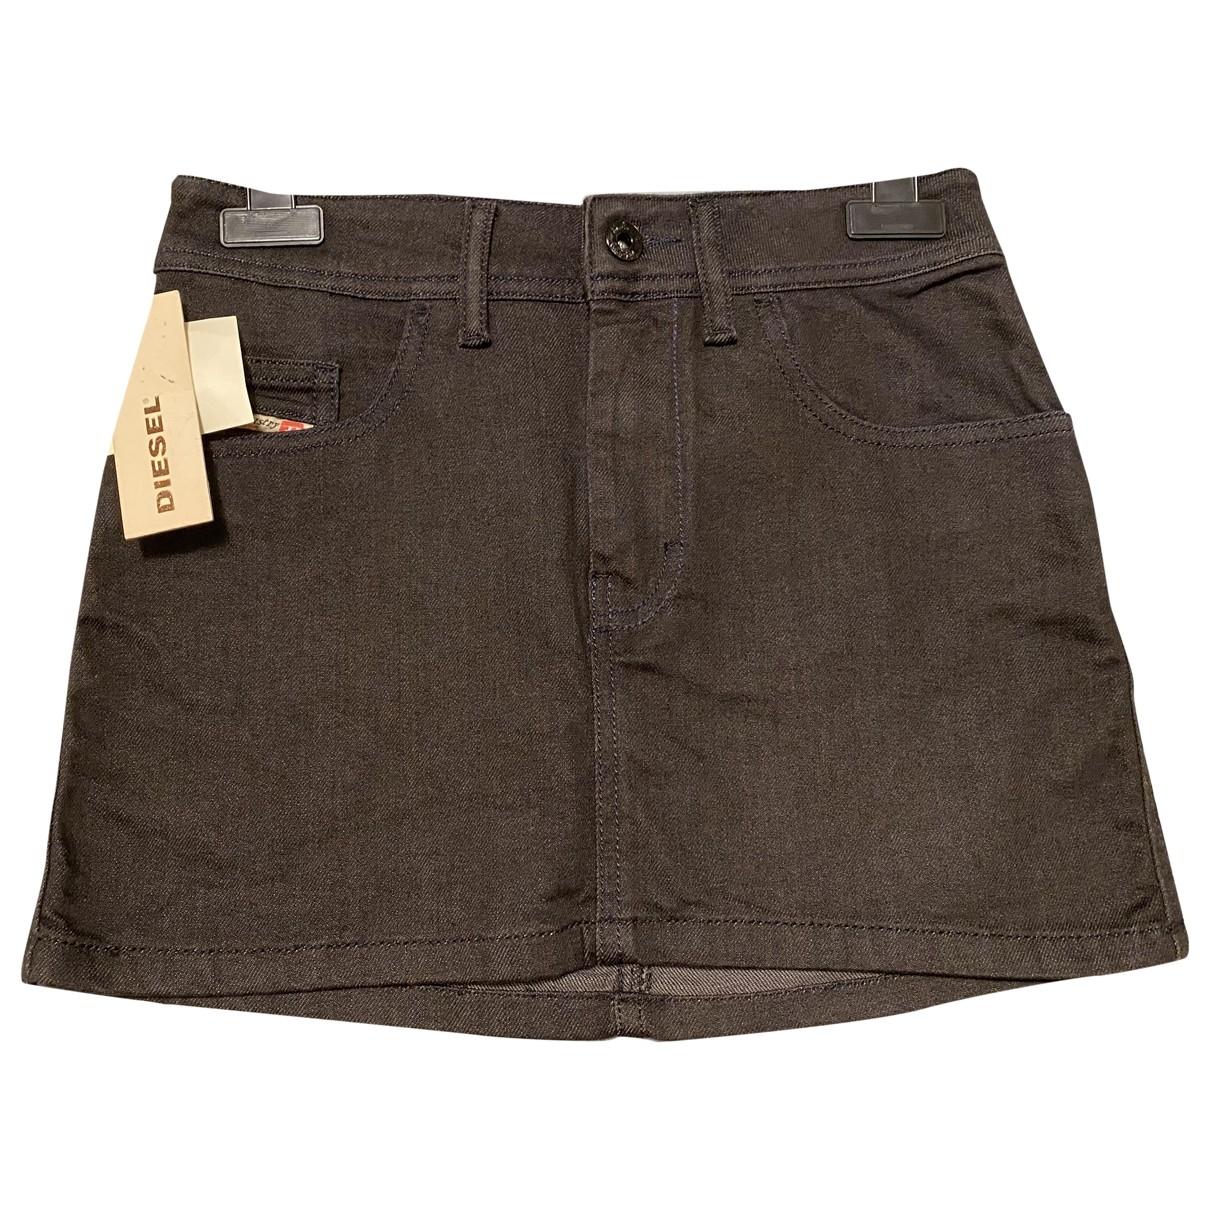 Diesel \N Black Cotton skirt for Women S International